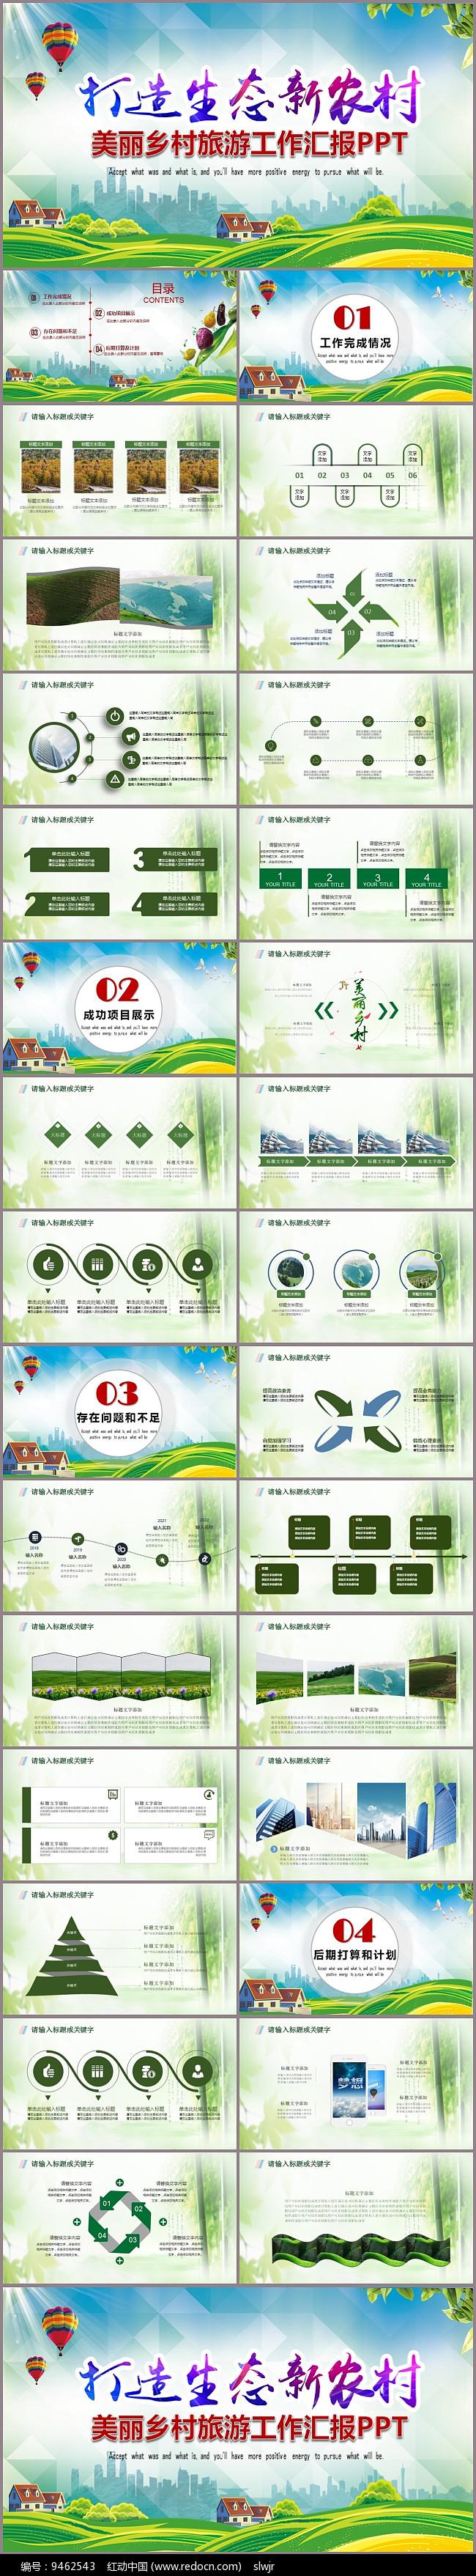 清新美丽乡村旅游PPT模板图片